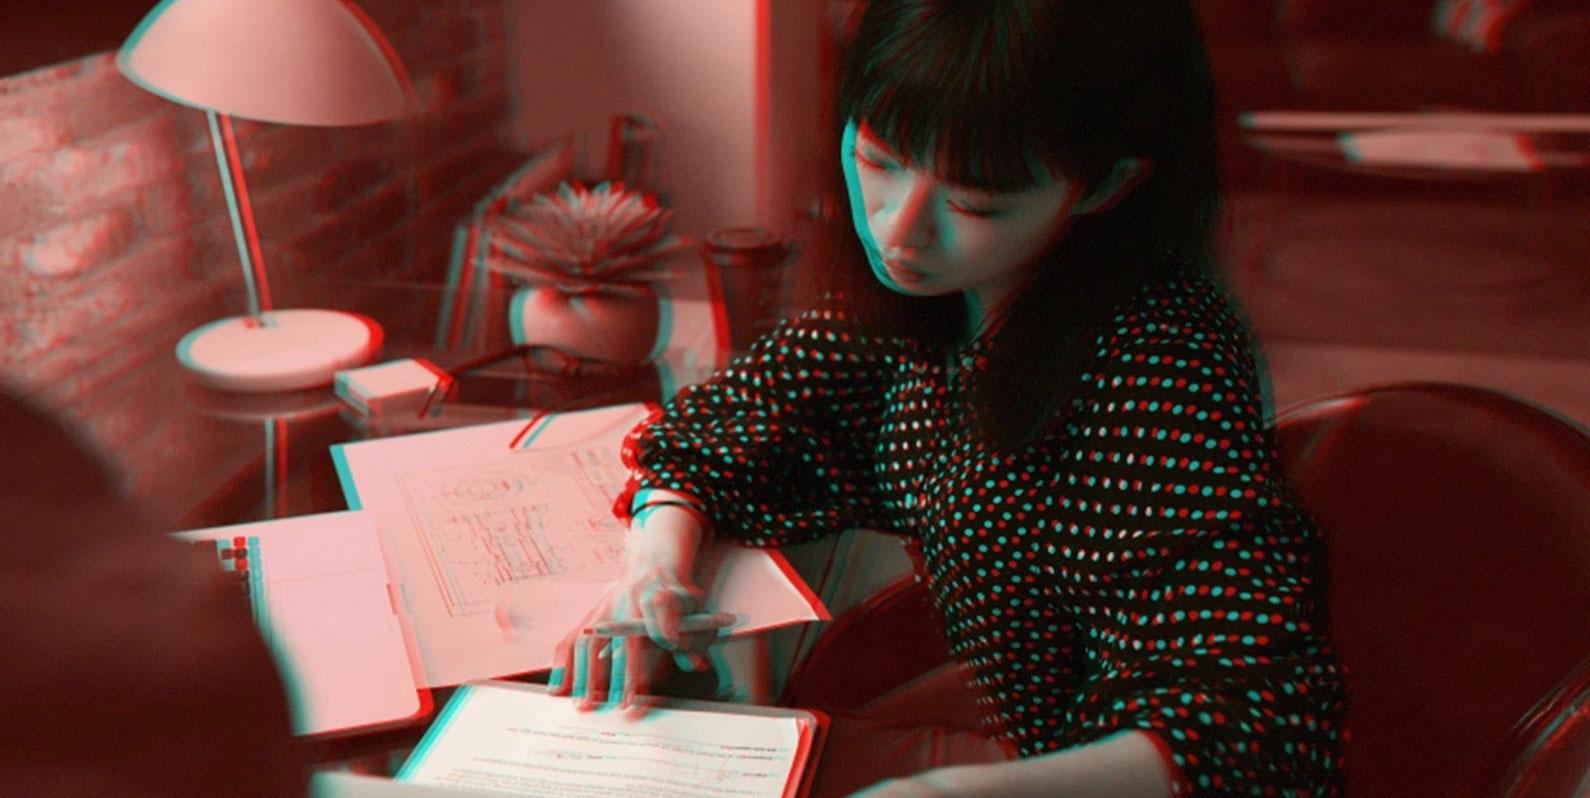 Procurando emprego? Veja como escrever um currículo que uma IA vai adorar